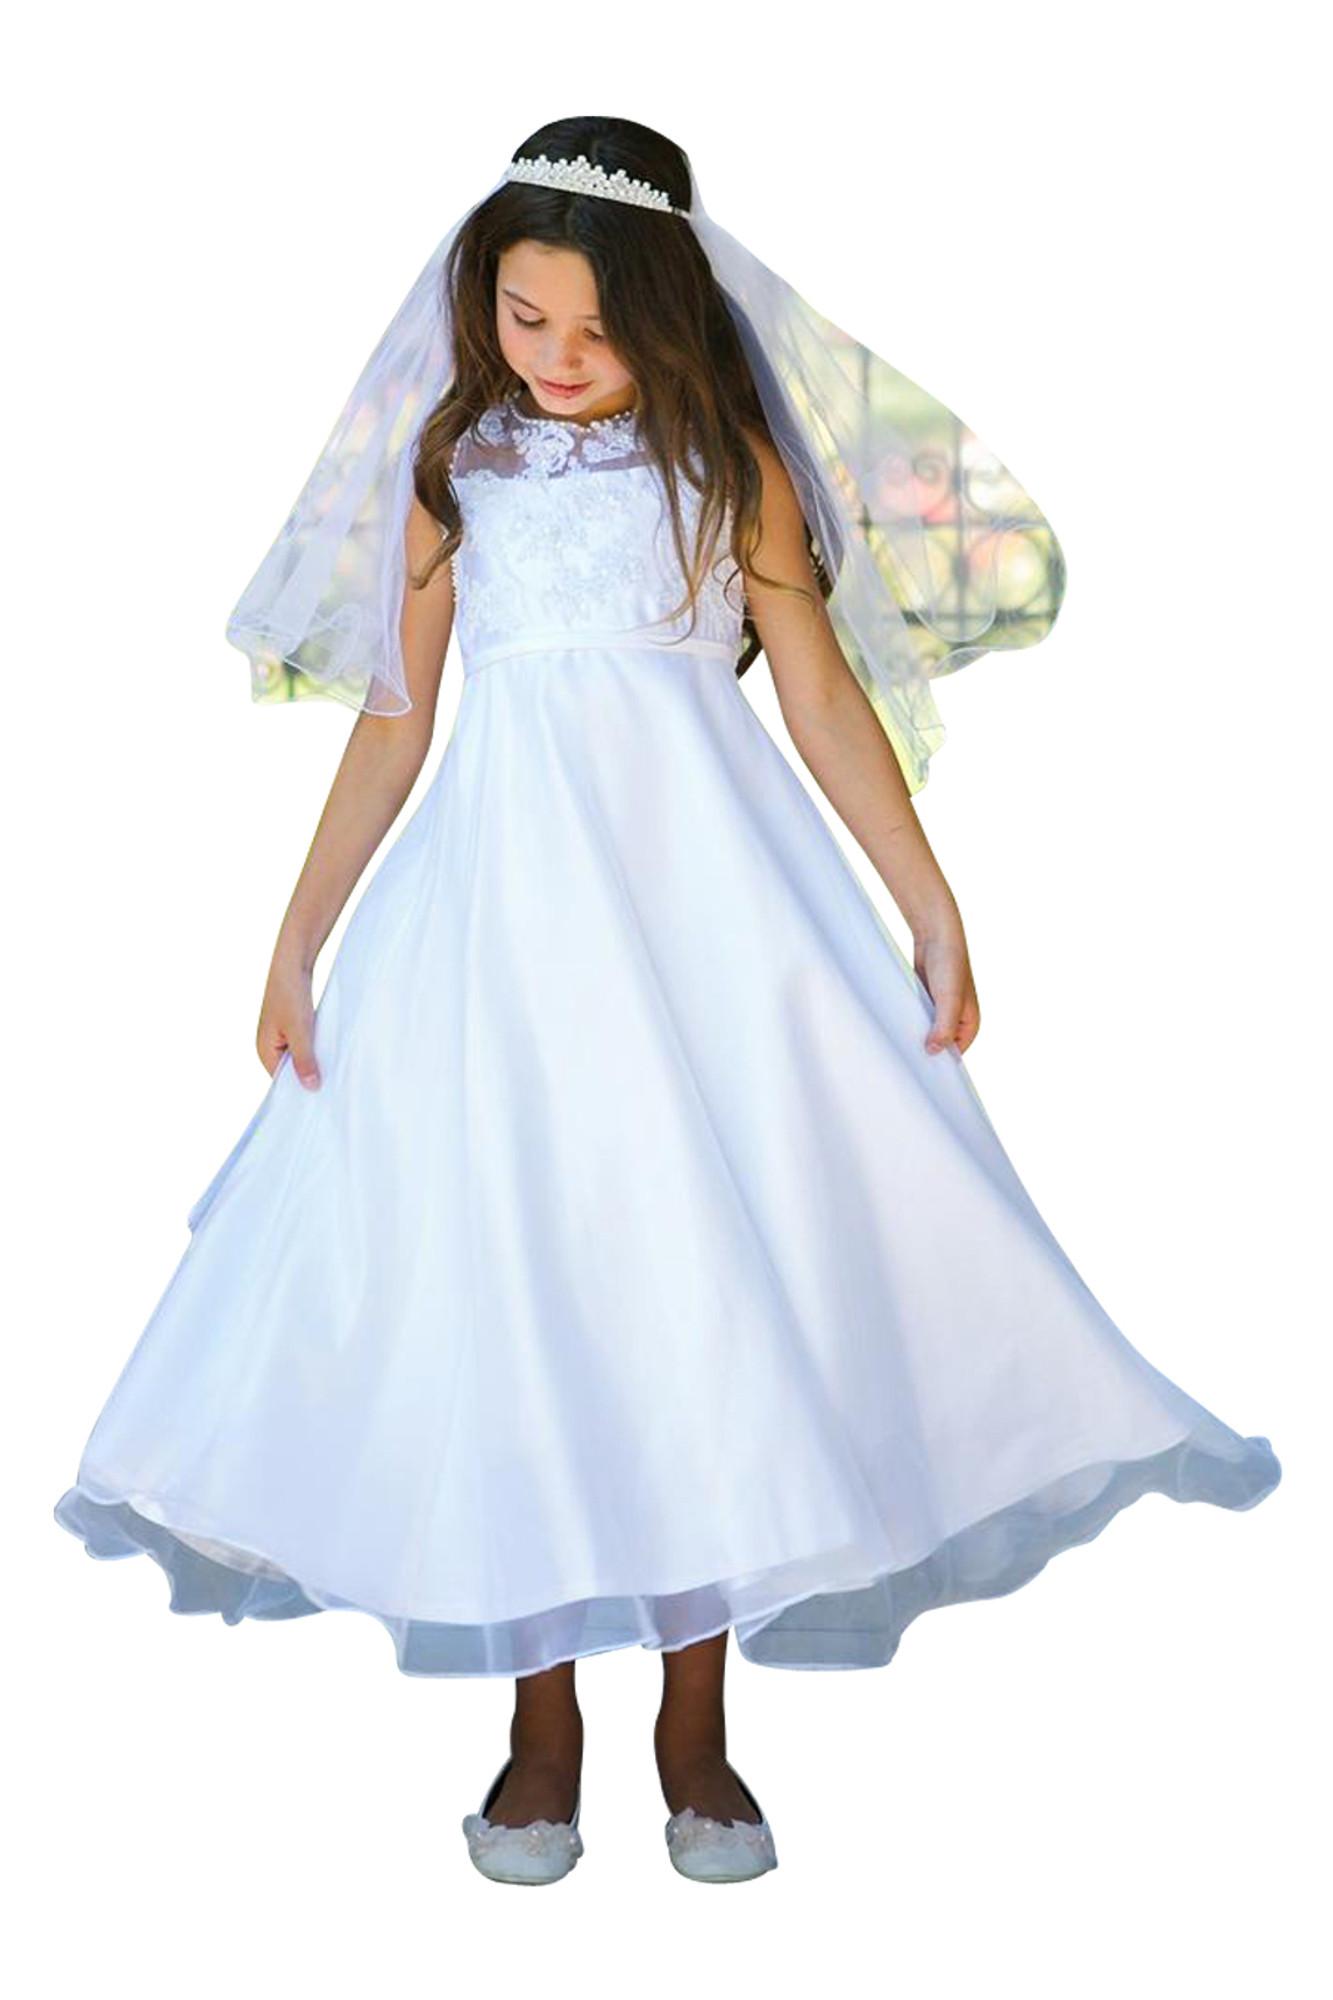 BIMARO Mädchen Kleid Alisea Kommunionkleid Festkleid weiß lang schlicht Satin Perlen Pailletten Organza Kommunion Hochzeit  001